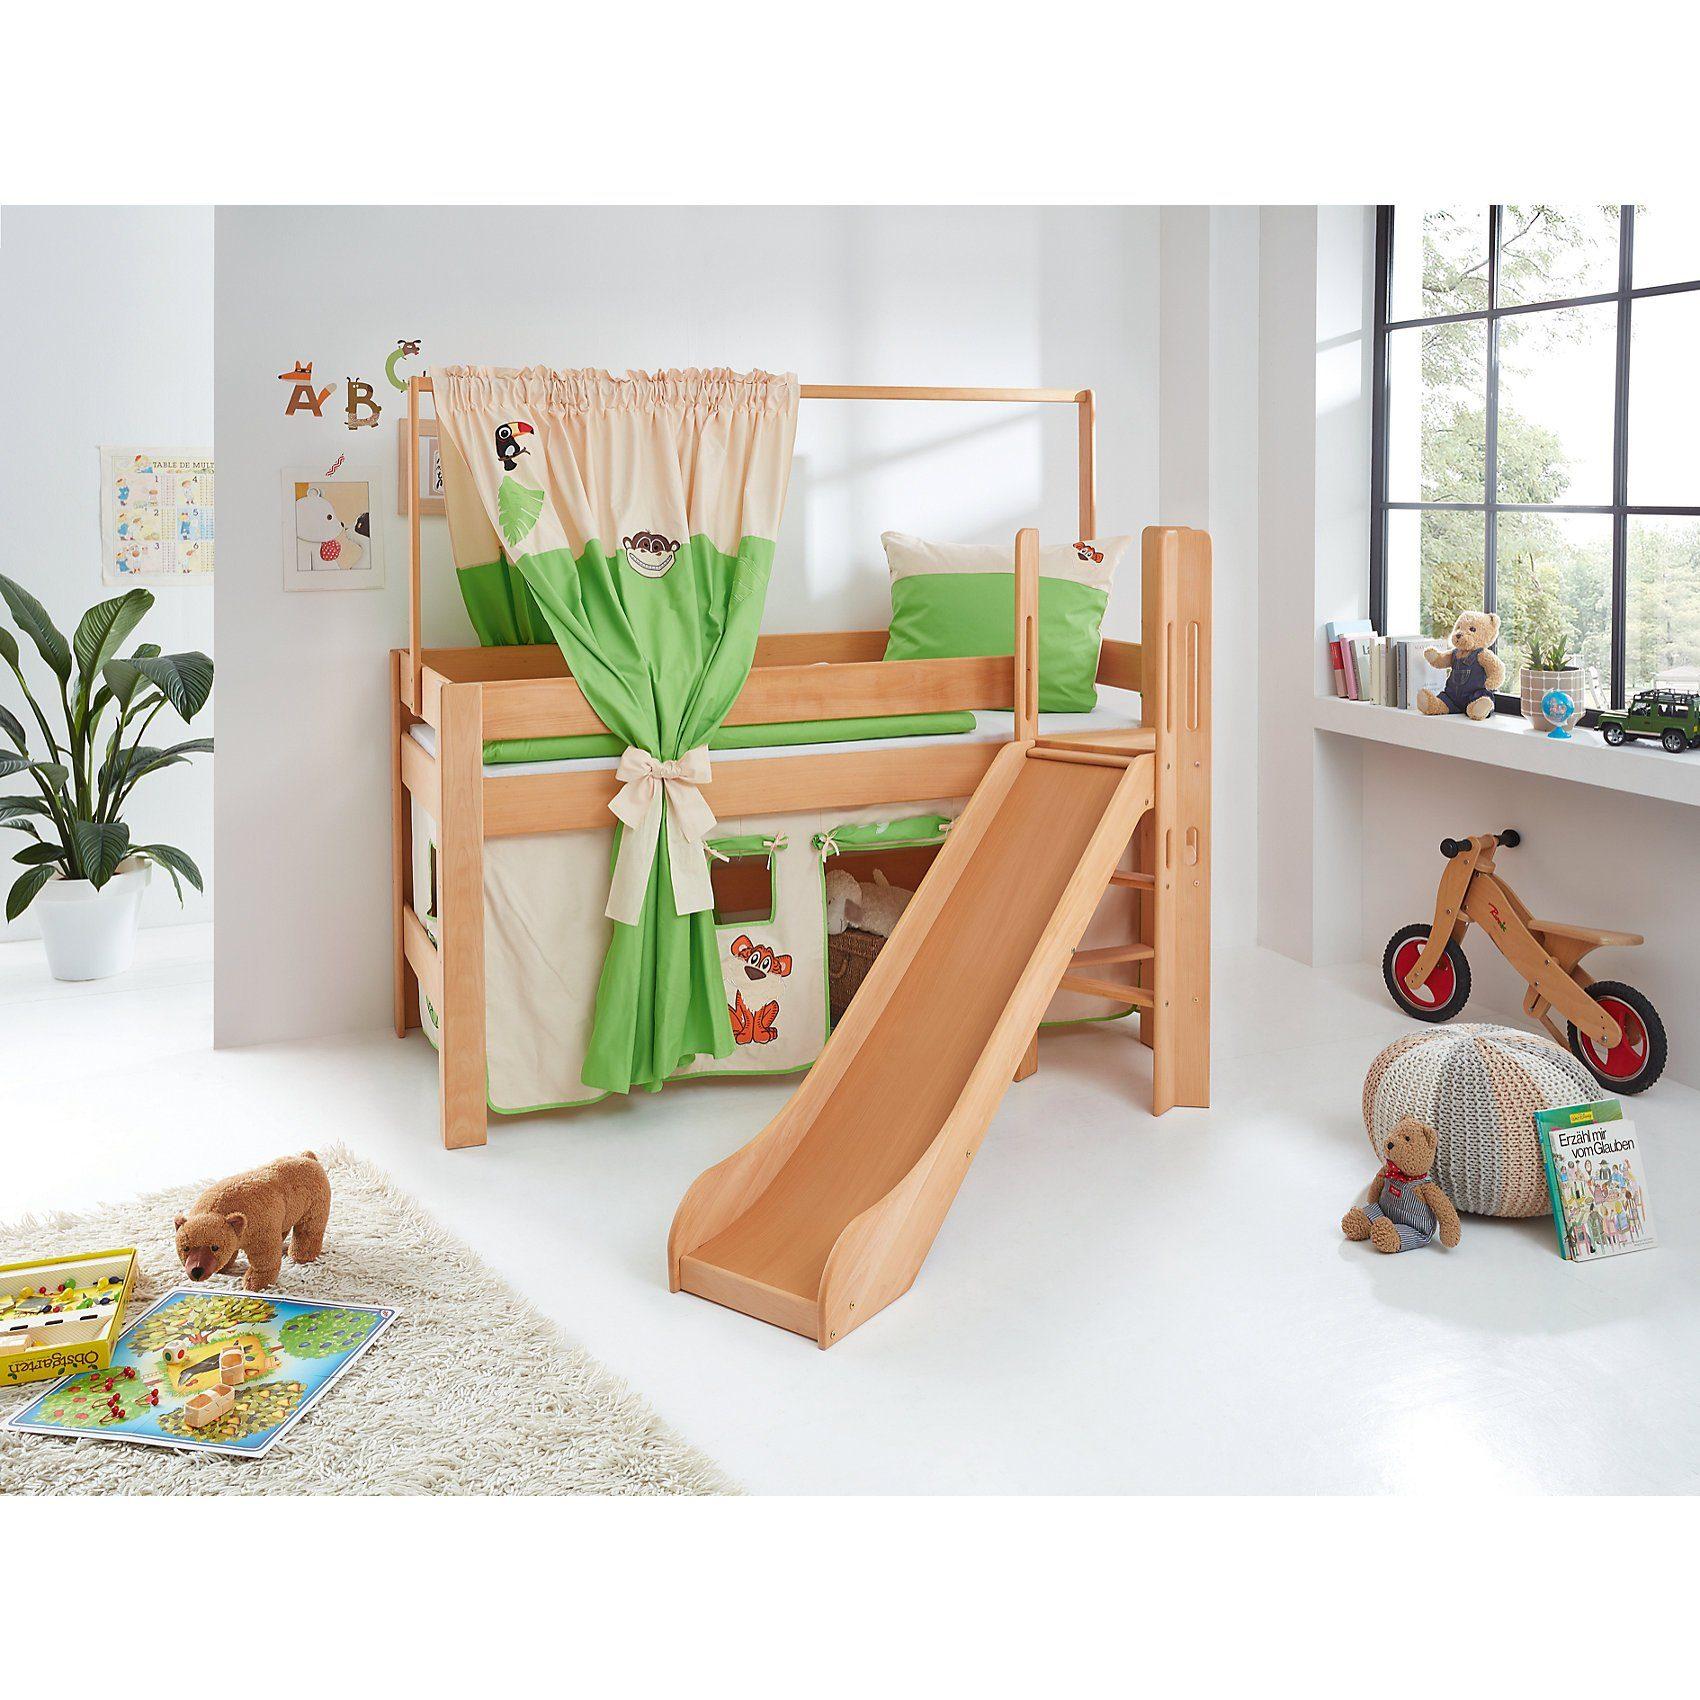 Relita Zeltstoffset für Spielbett LEO, Dschungel, grün/weiß